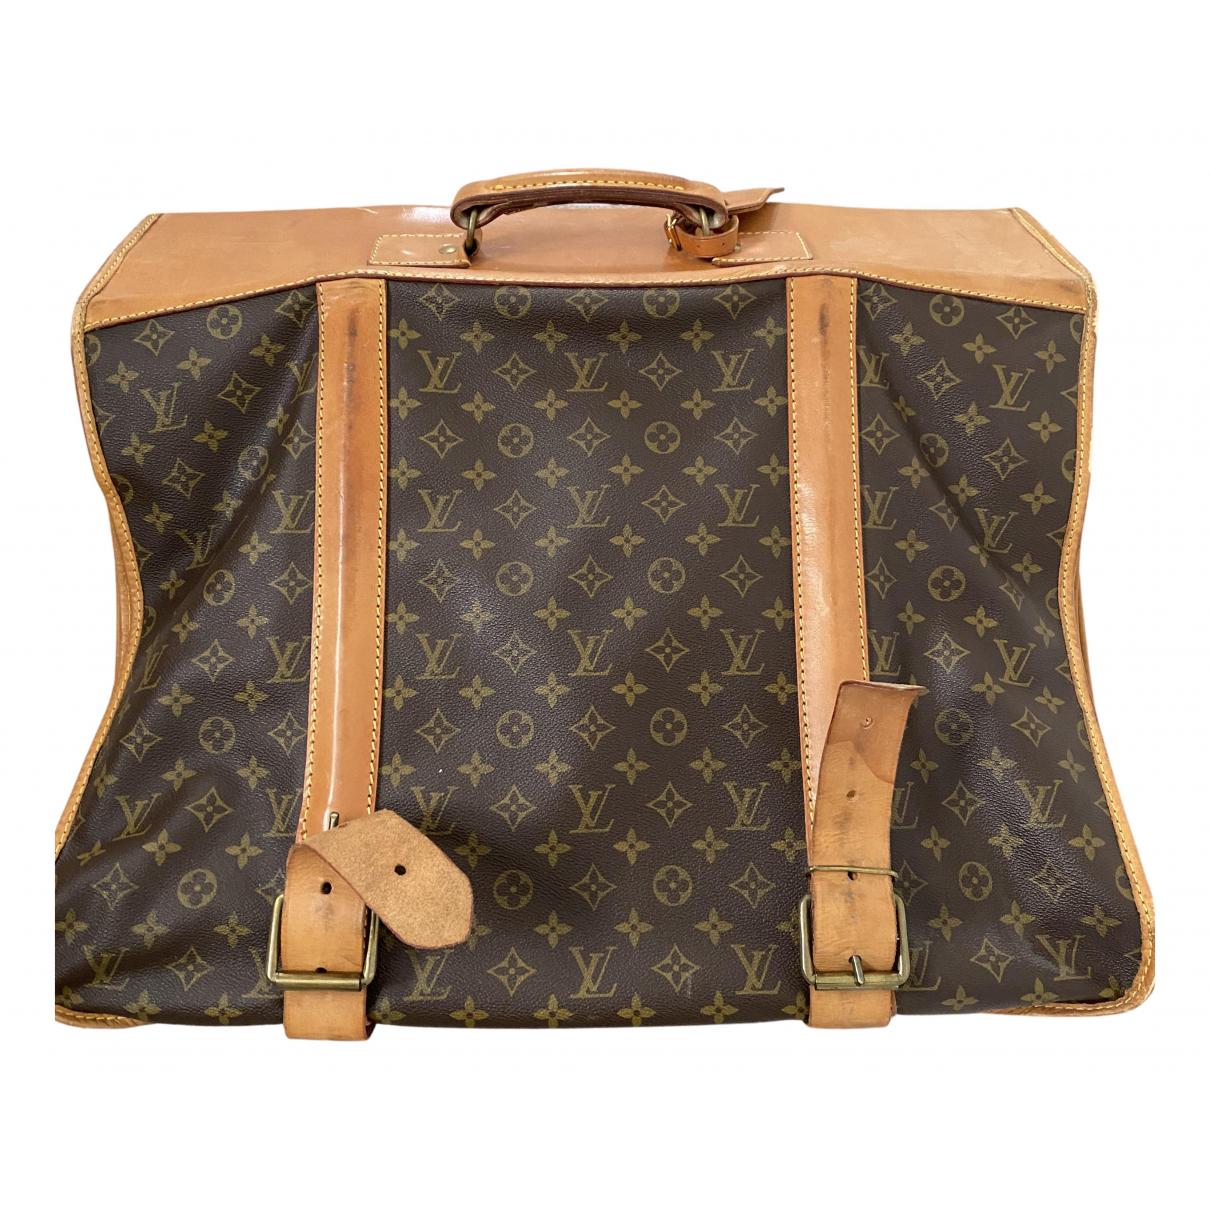 Louis Vuitton - Sac de voyage Garment pour femme en toile - marron